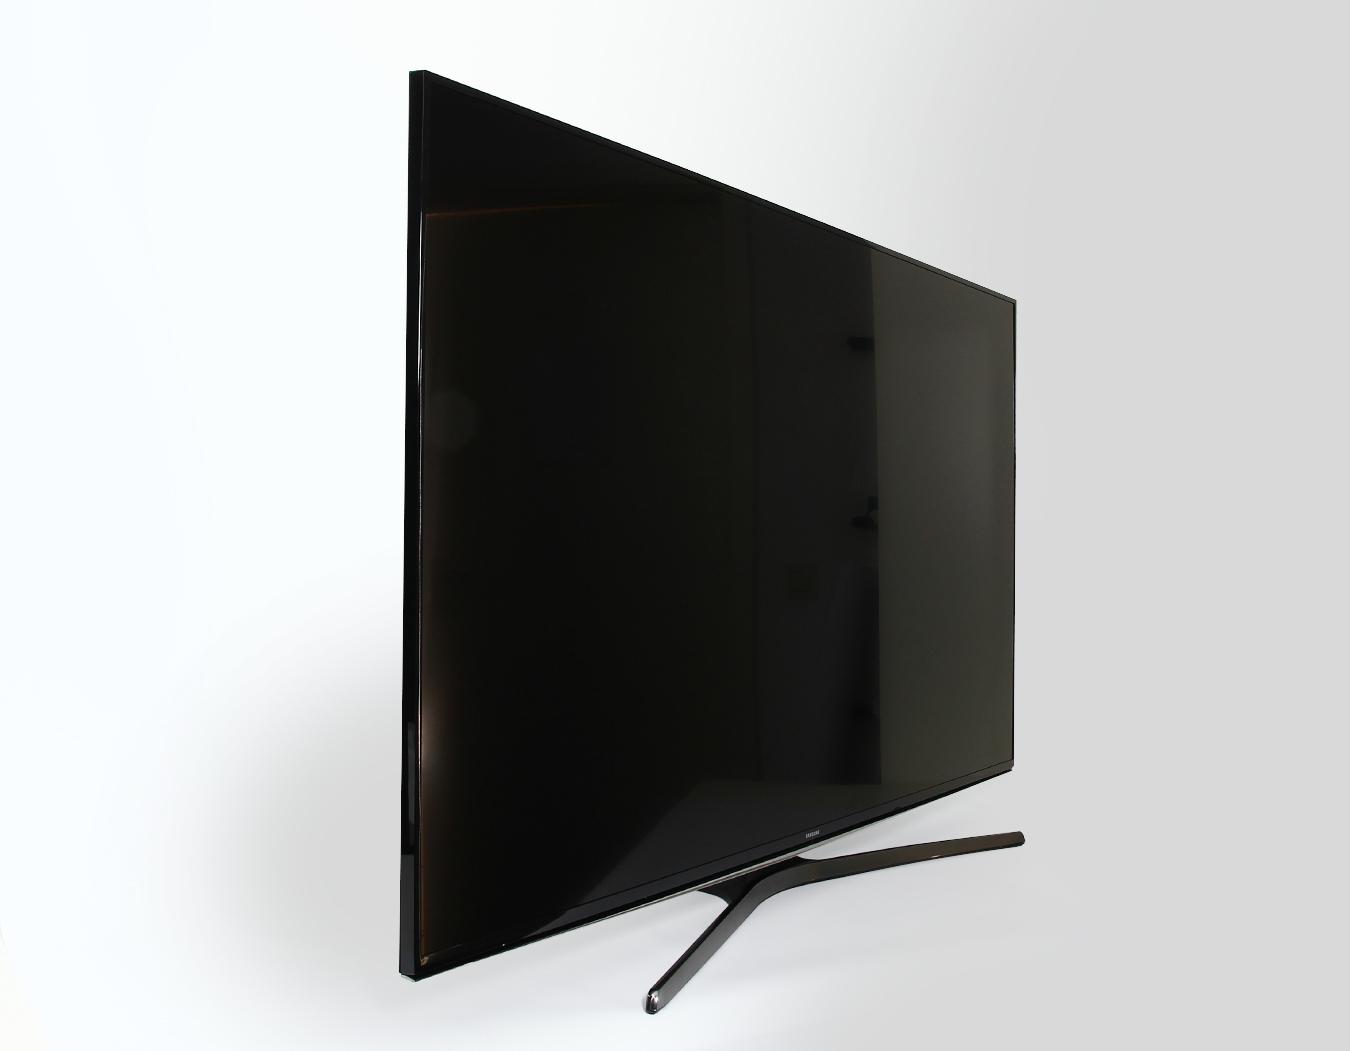 55-Zoll-Fernseher von LG, Samsung und Panasonic im Test